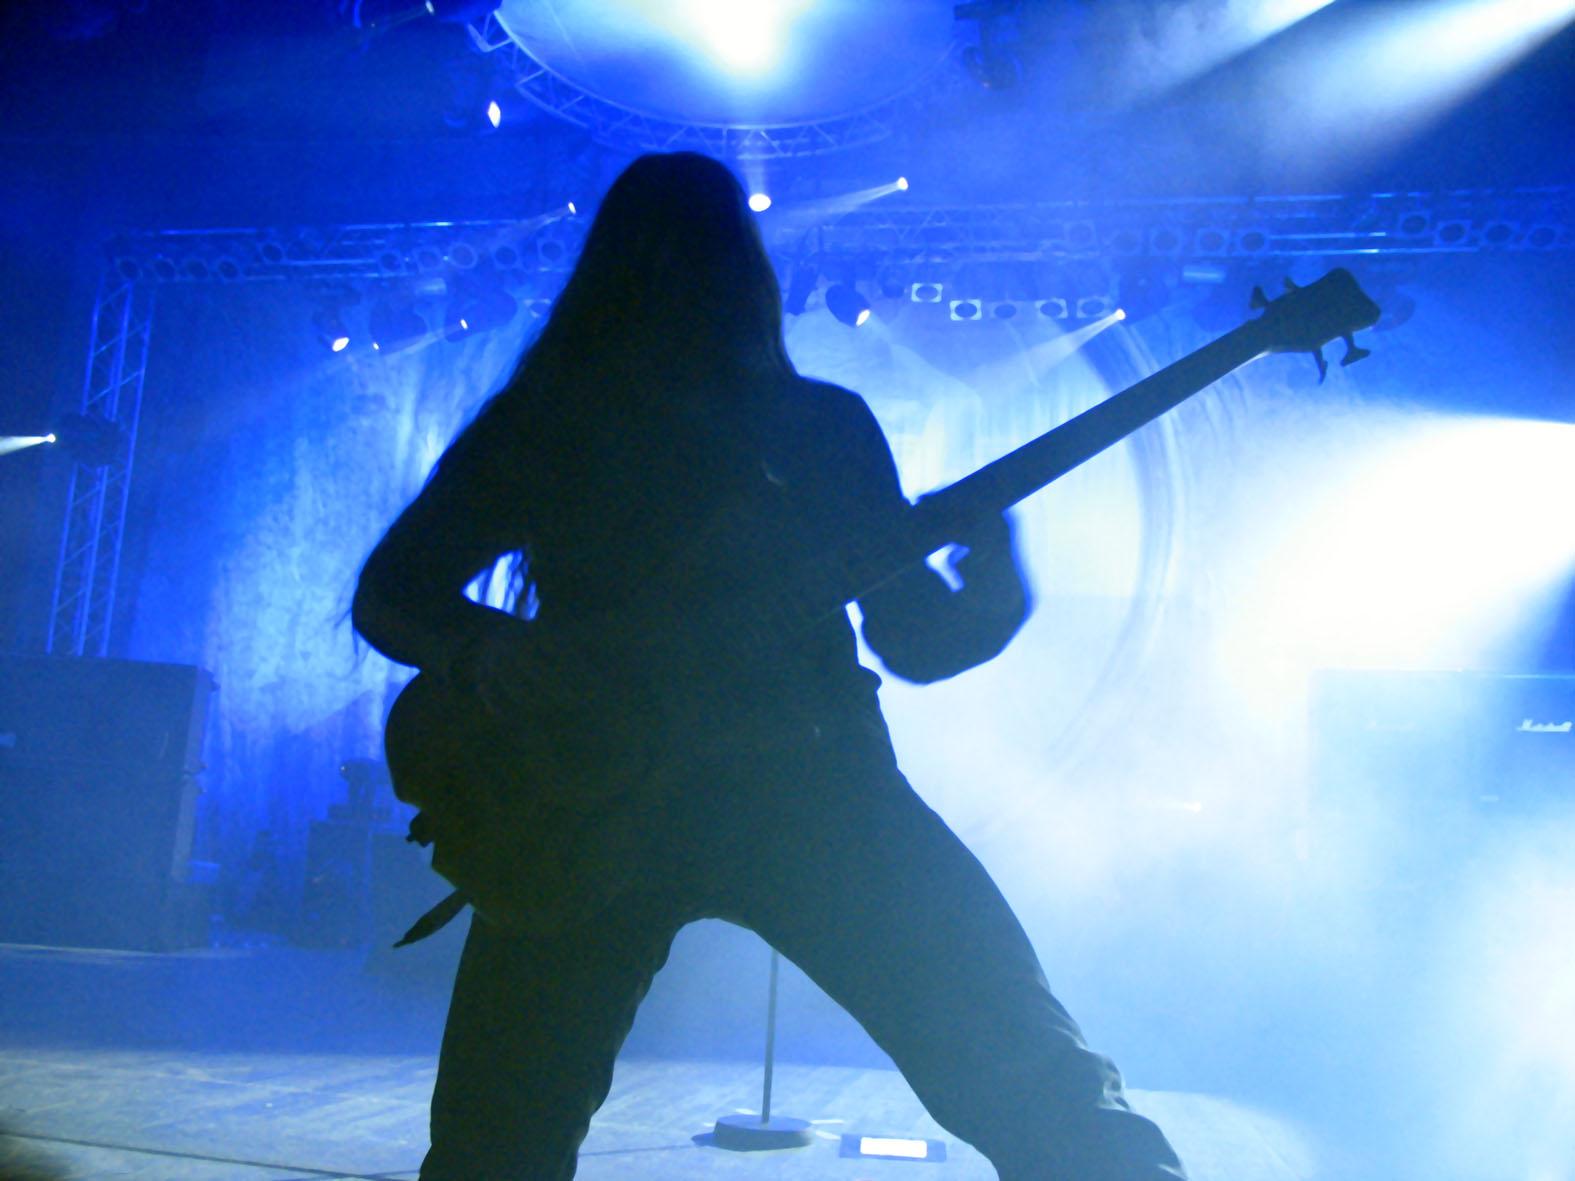 Concerti rock, attenti all'udito! [come difenderlo facilmente]